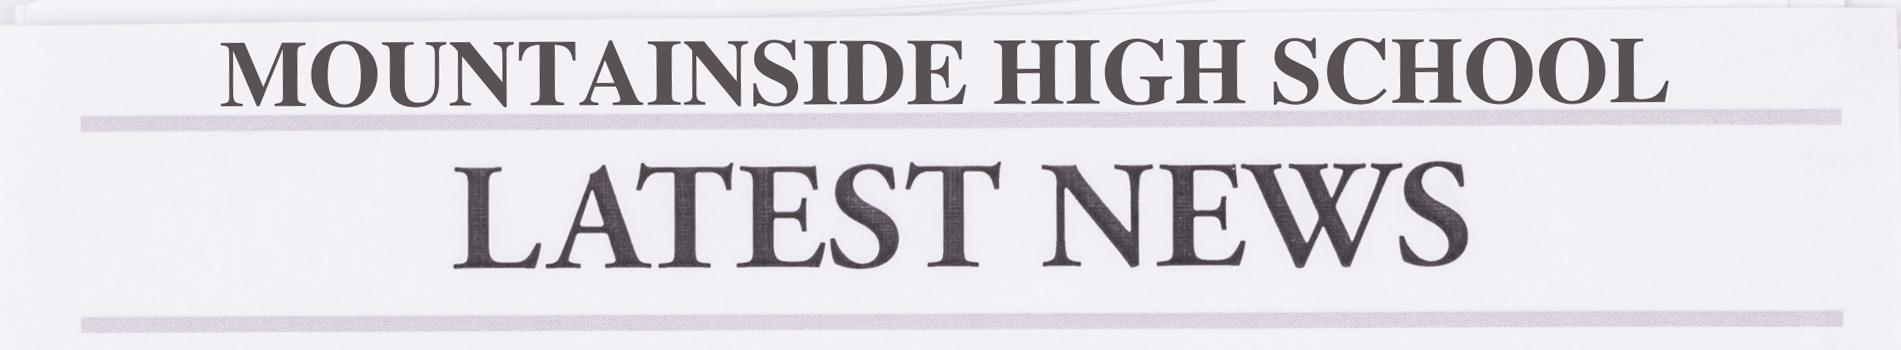 MOUNTAINSIDE HIGH SCHOOL NEWS